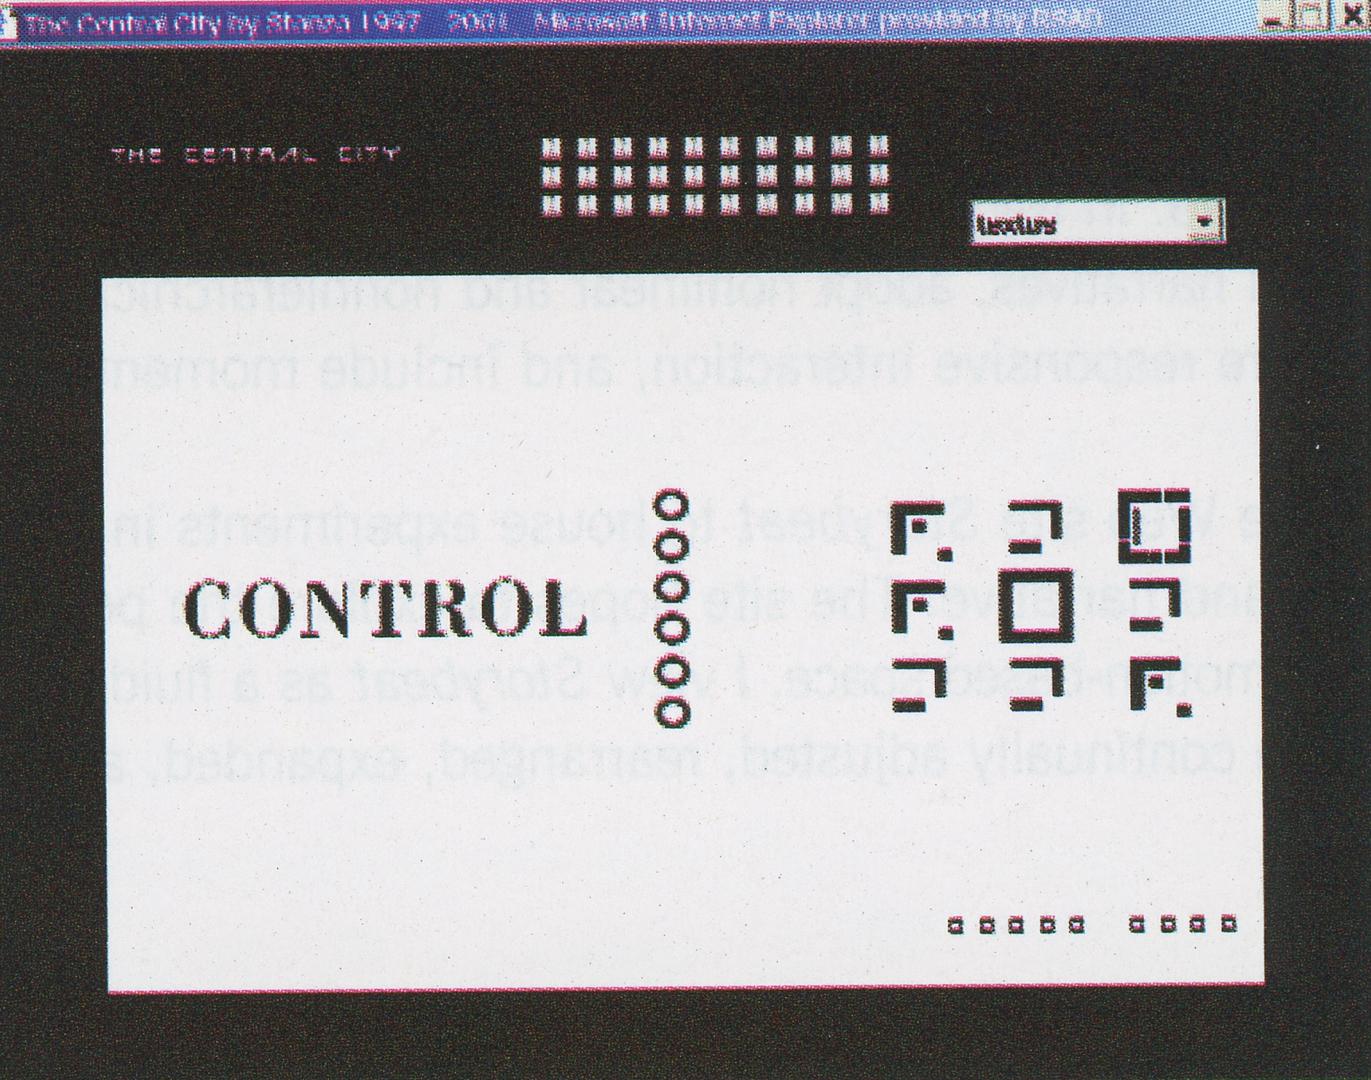 ©2002, stanza, www.stanza.co.uk